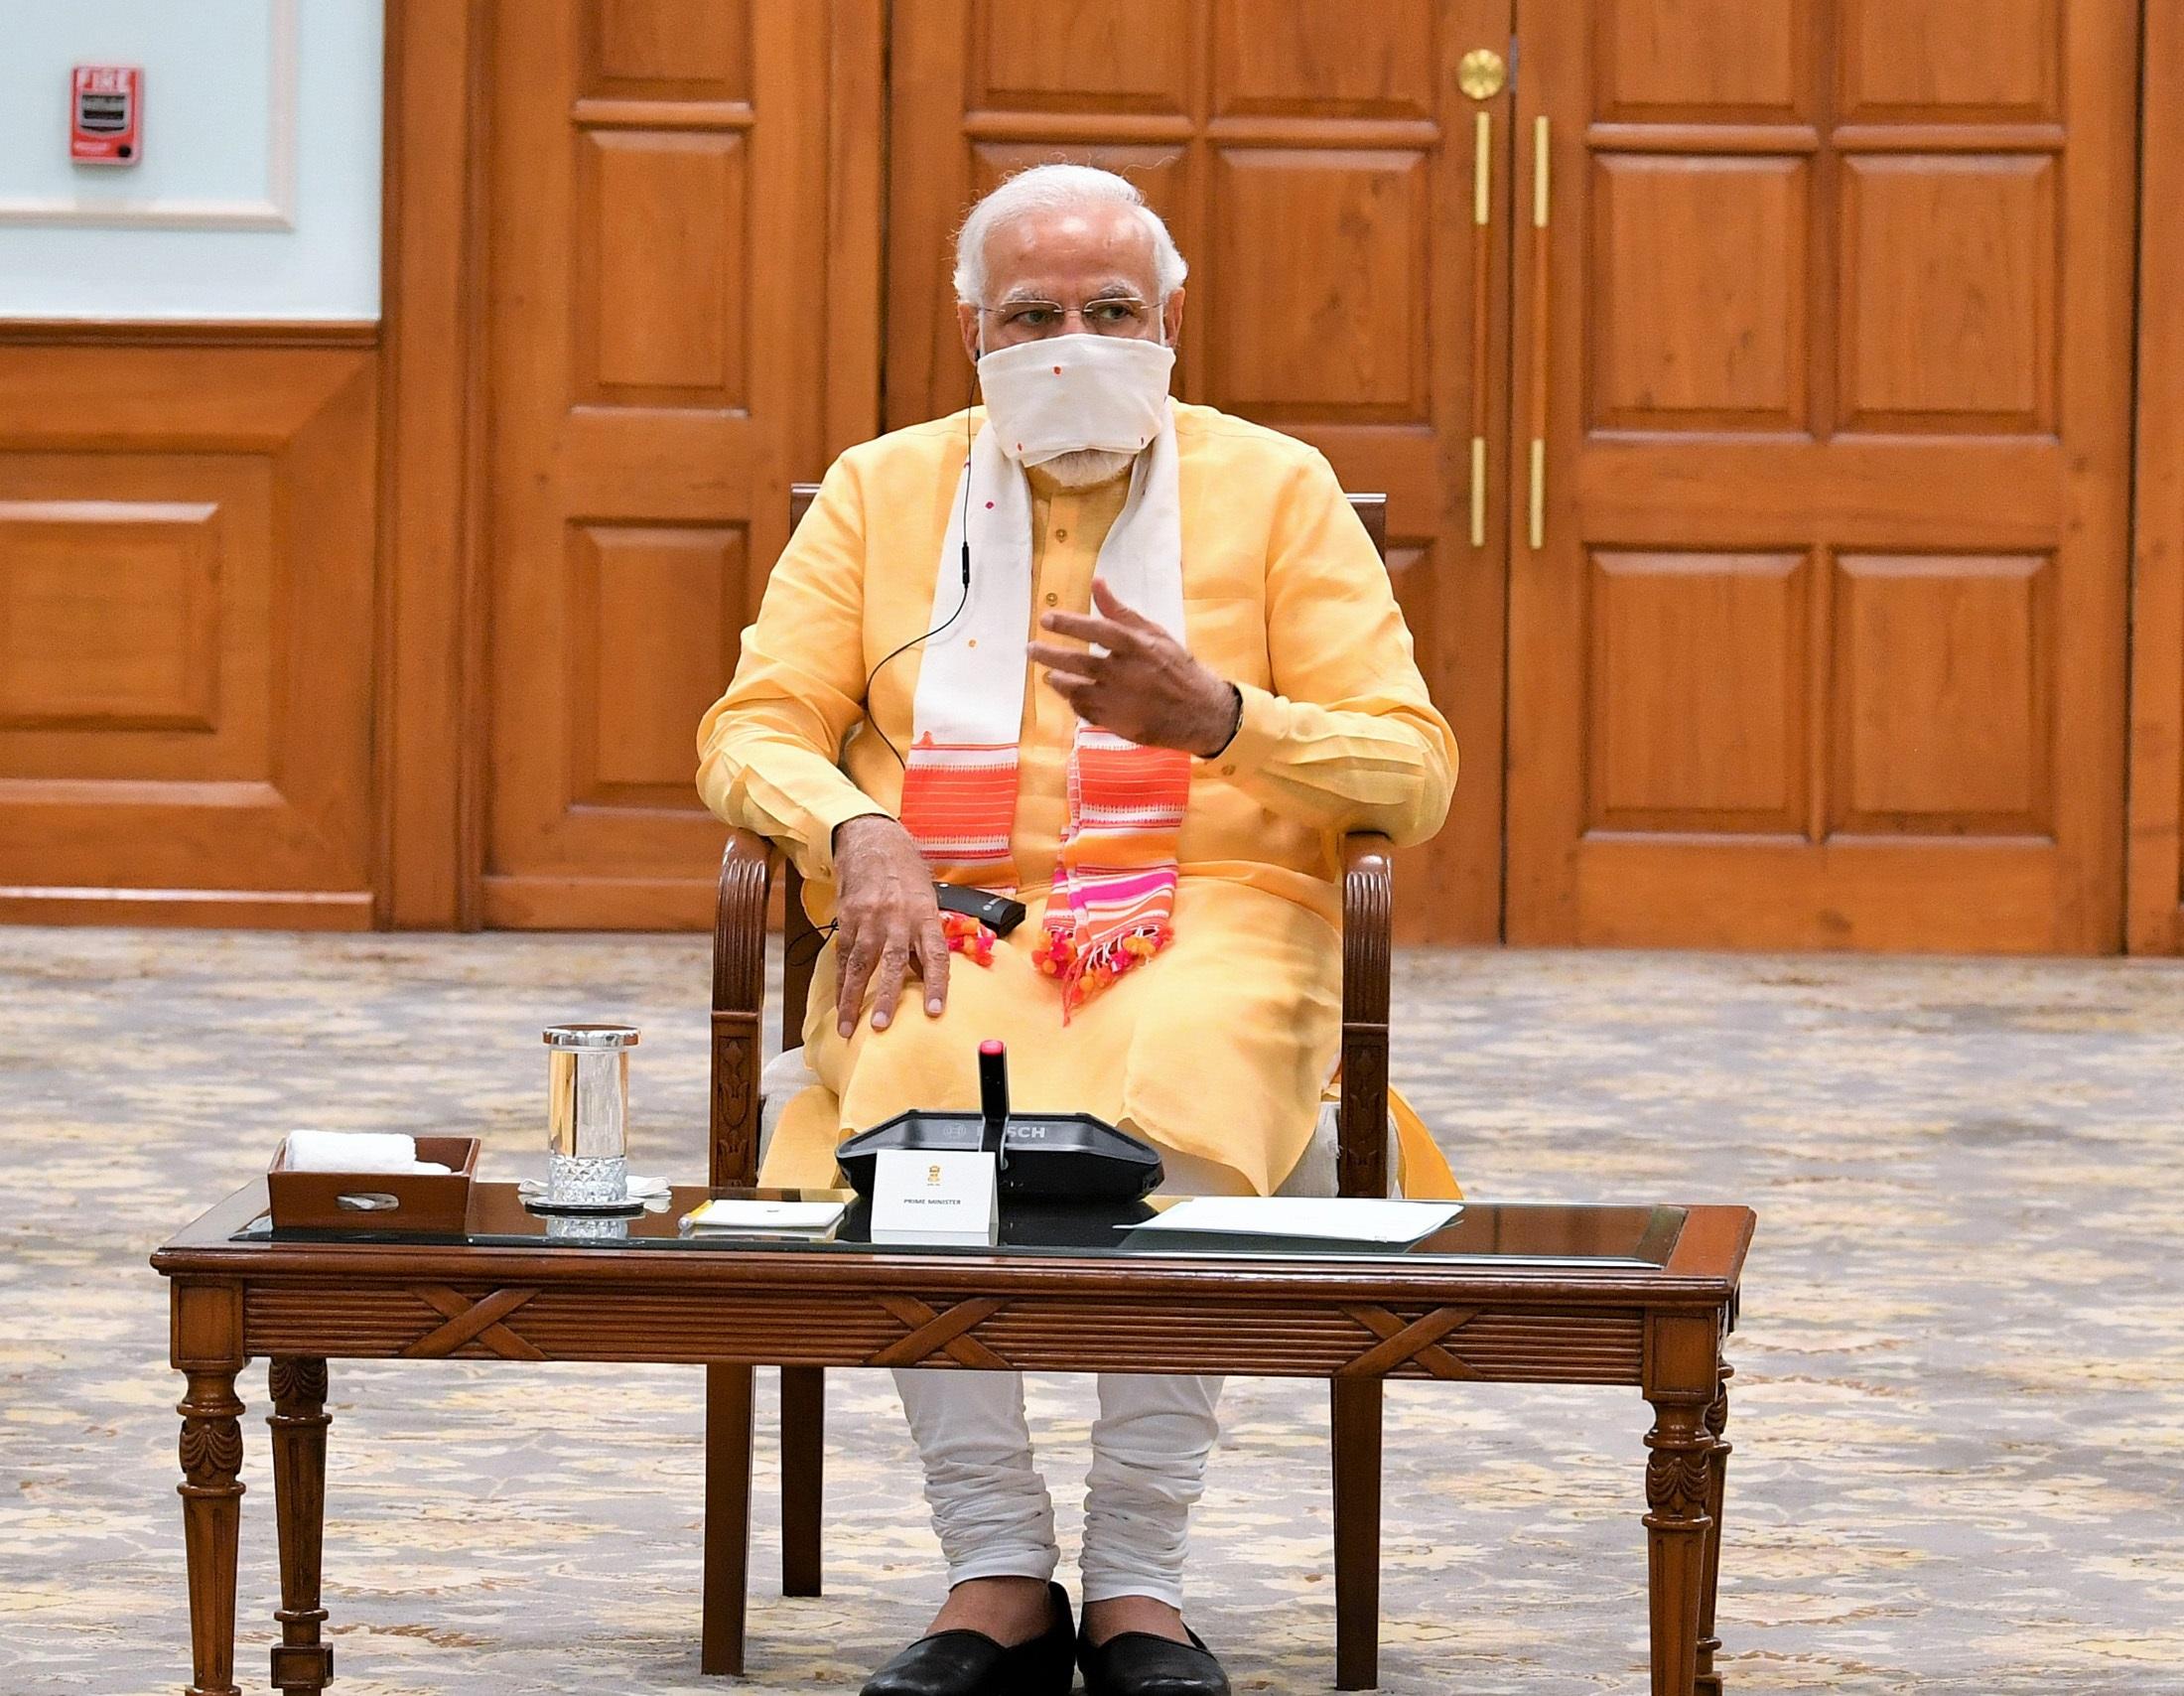 प्रधानमंत्री 23 जुलाई, 2020 को मणिपुर जलापूर्ति परियोजना की आधारशिला रखेंगे